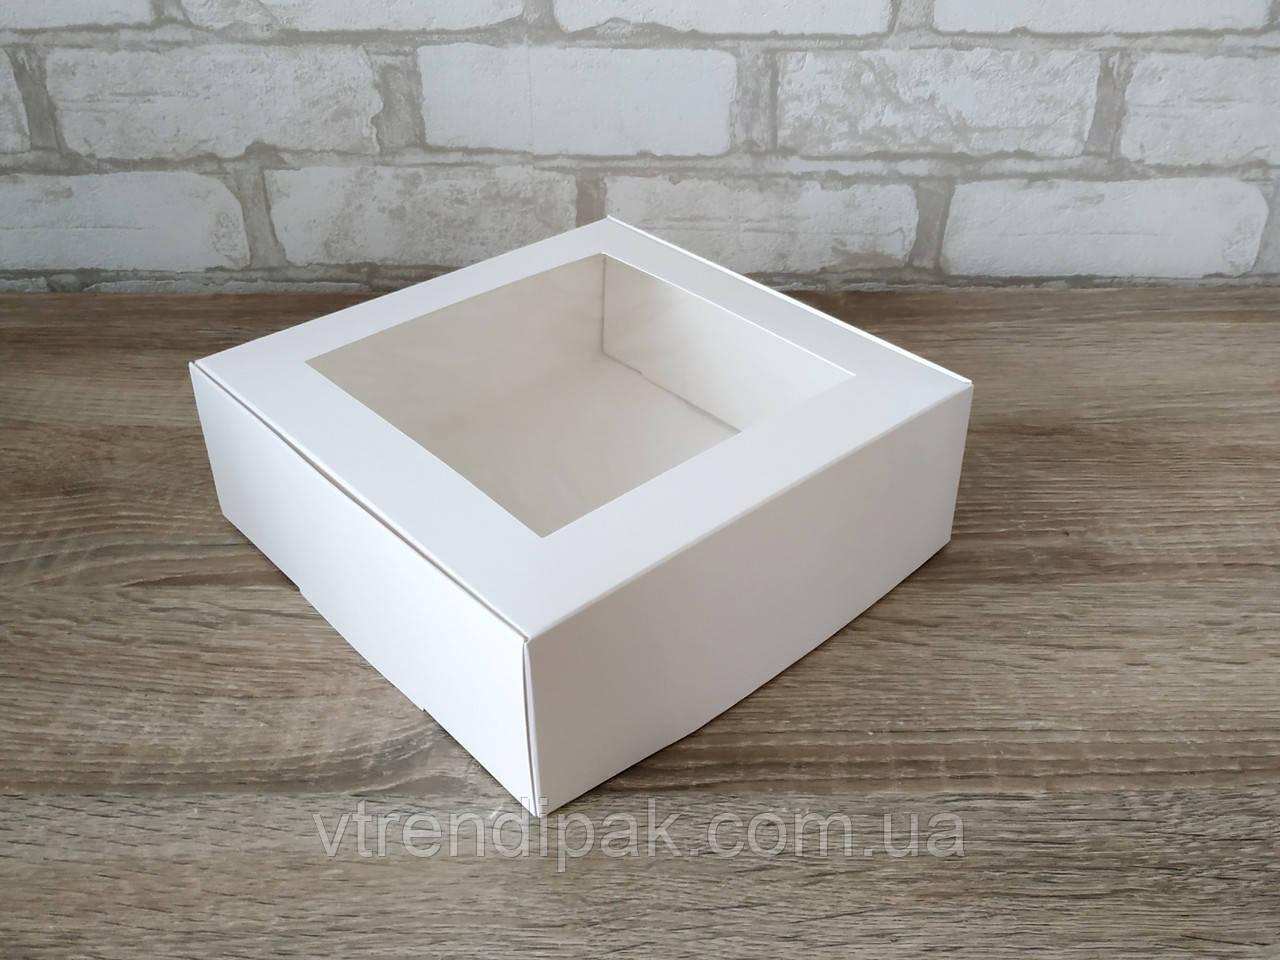 Коробка для десертів з мелованого картону з вікном 200*200*70